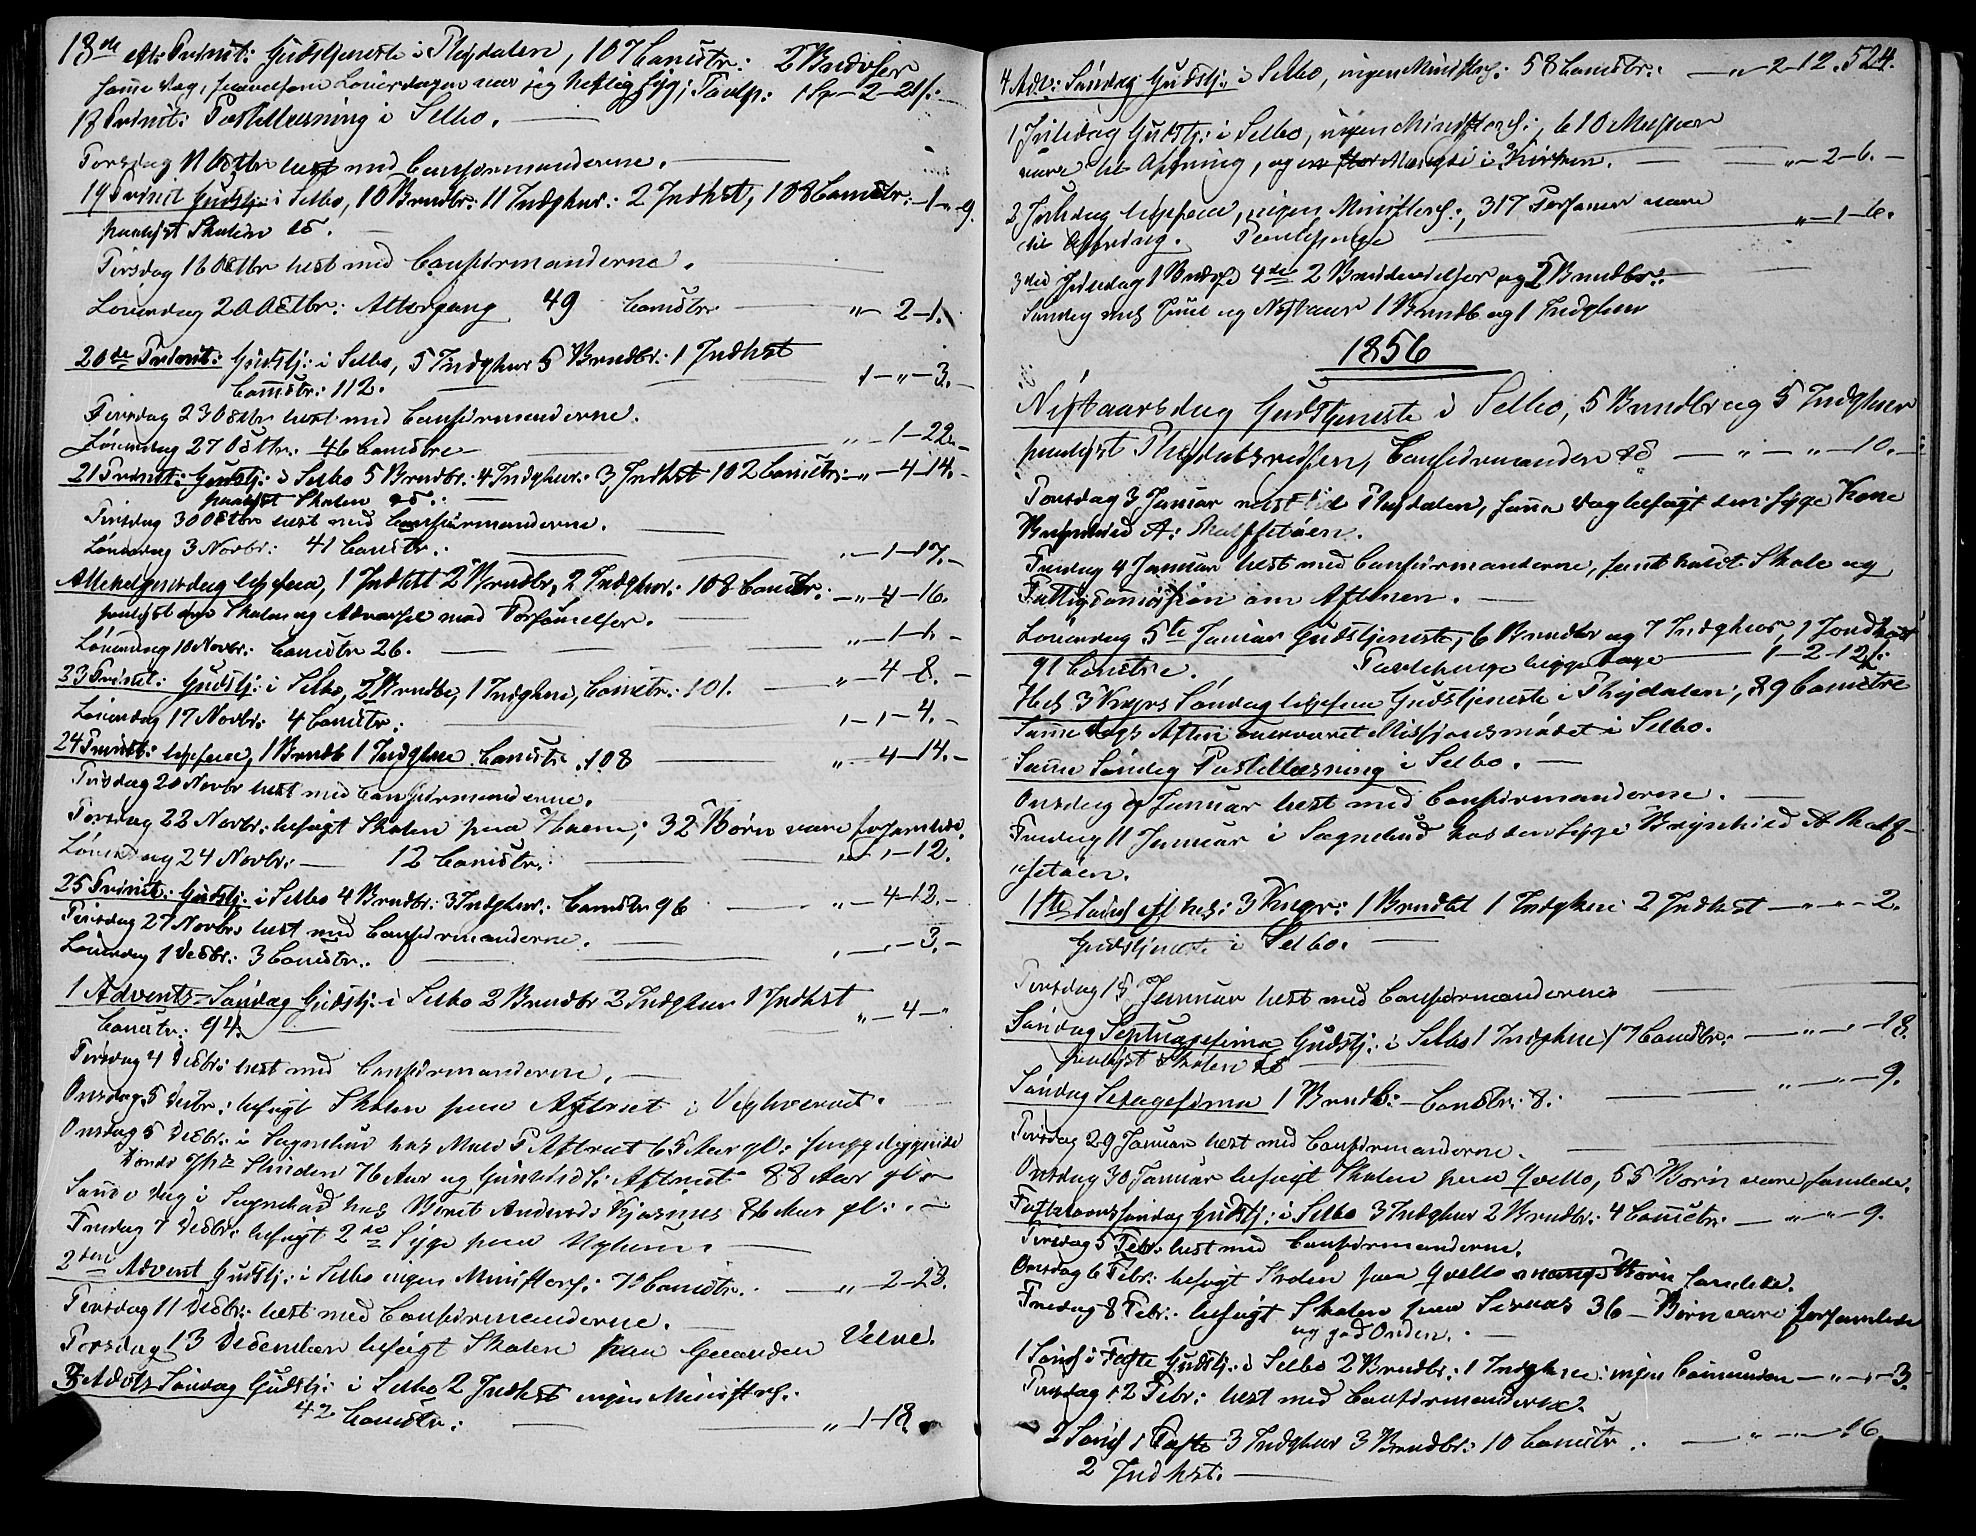 SAT, Ministerialprotokoller, klokkerbøker og fødselsregistre - Sør-Trøndelag, 695/L1145: Ministerialbok nr. 695A06 /1, 1843-1859, s. 524